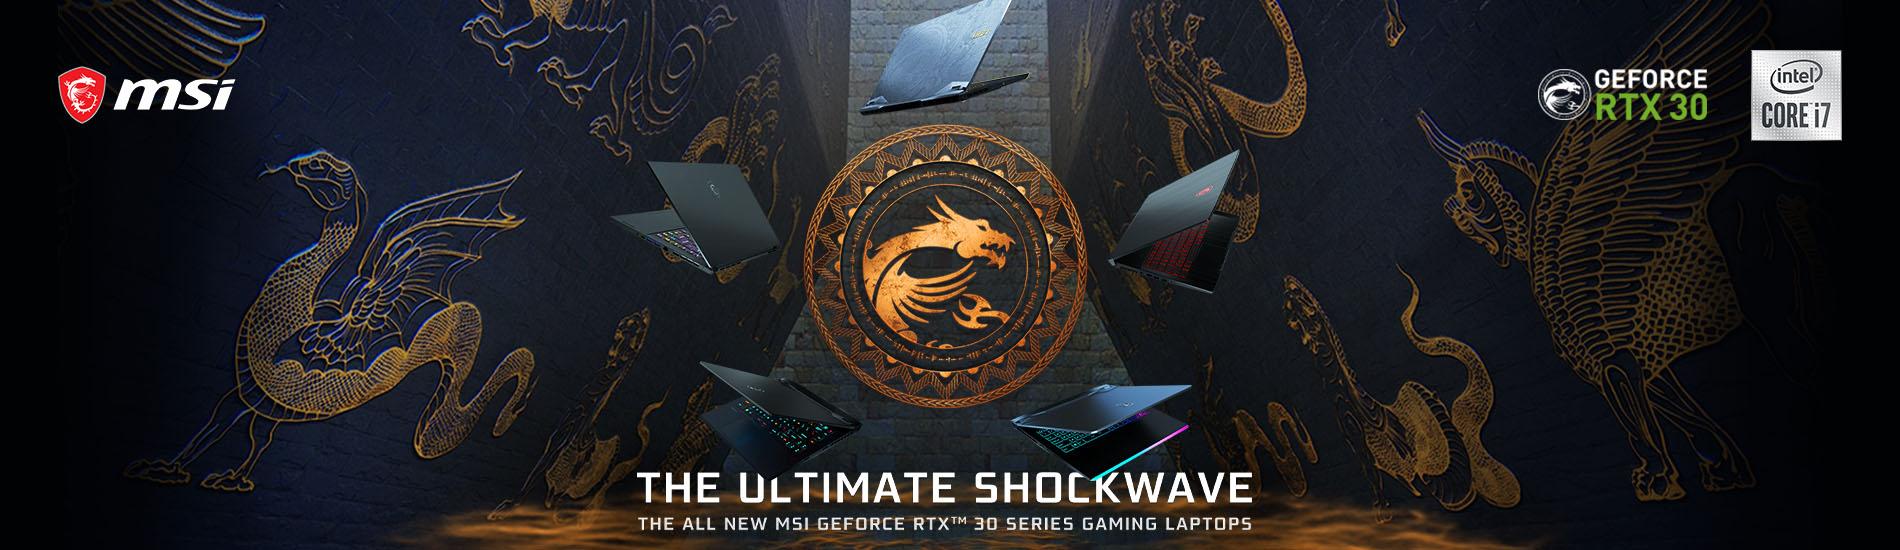 MSI Gaminglaptops 30series 01.25.banner